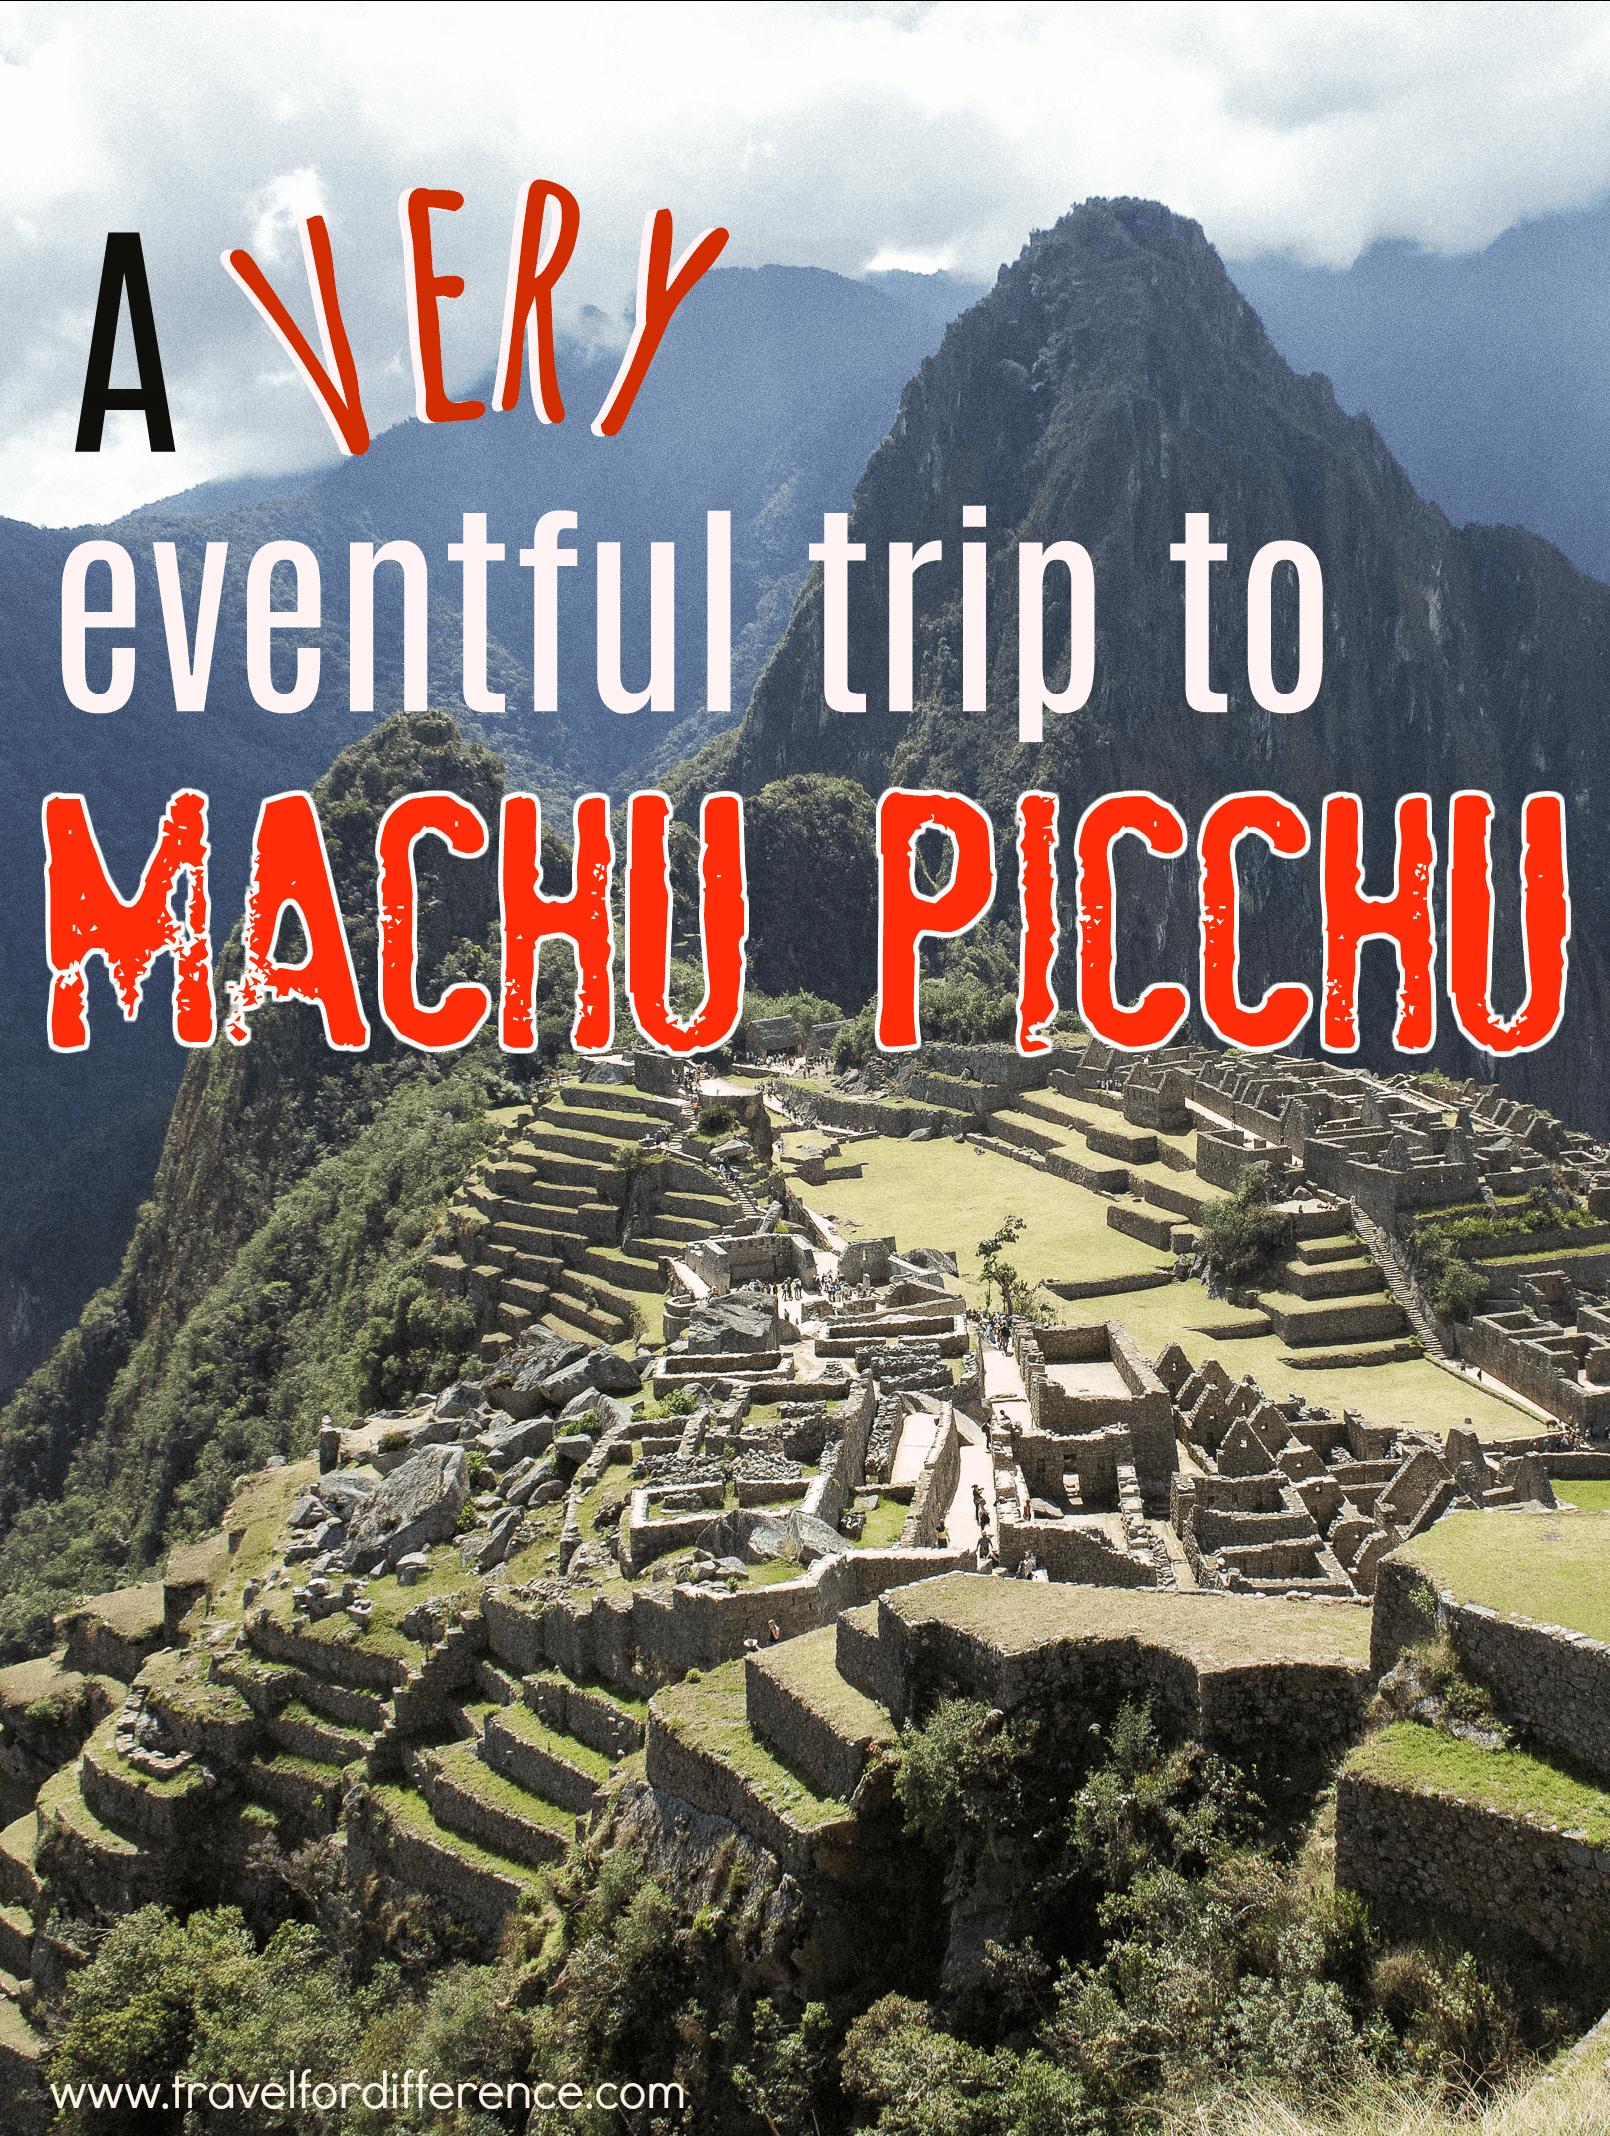 A very eventful trip to Machu Picchu